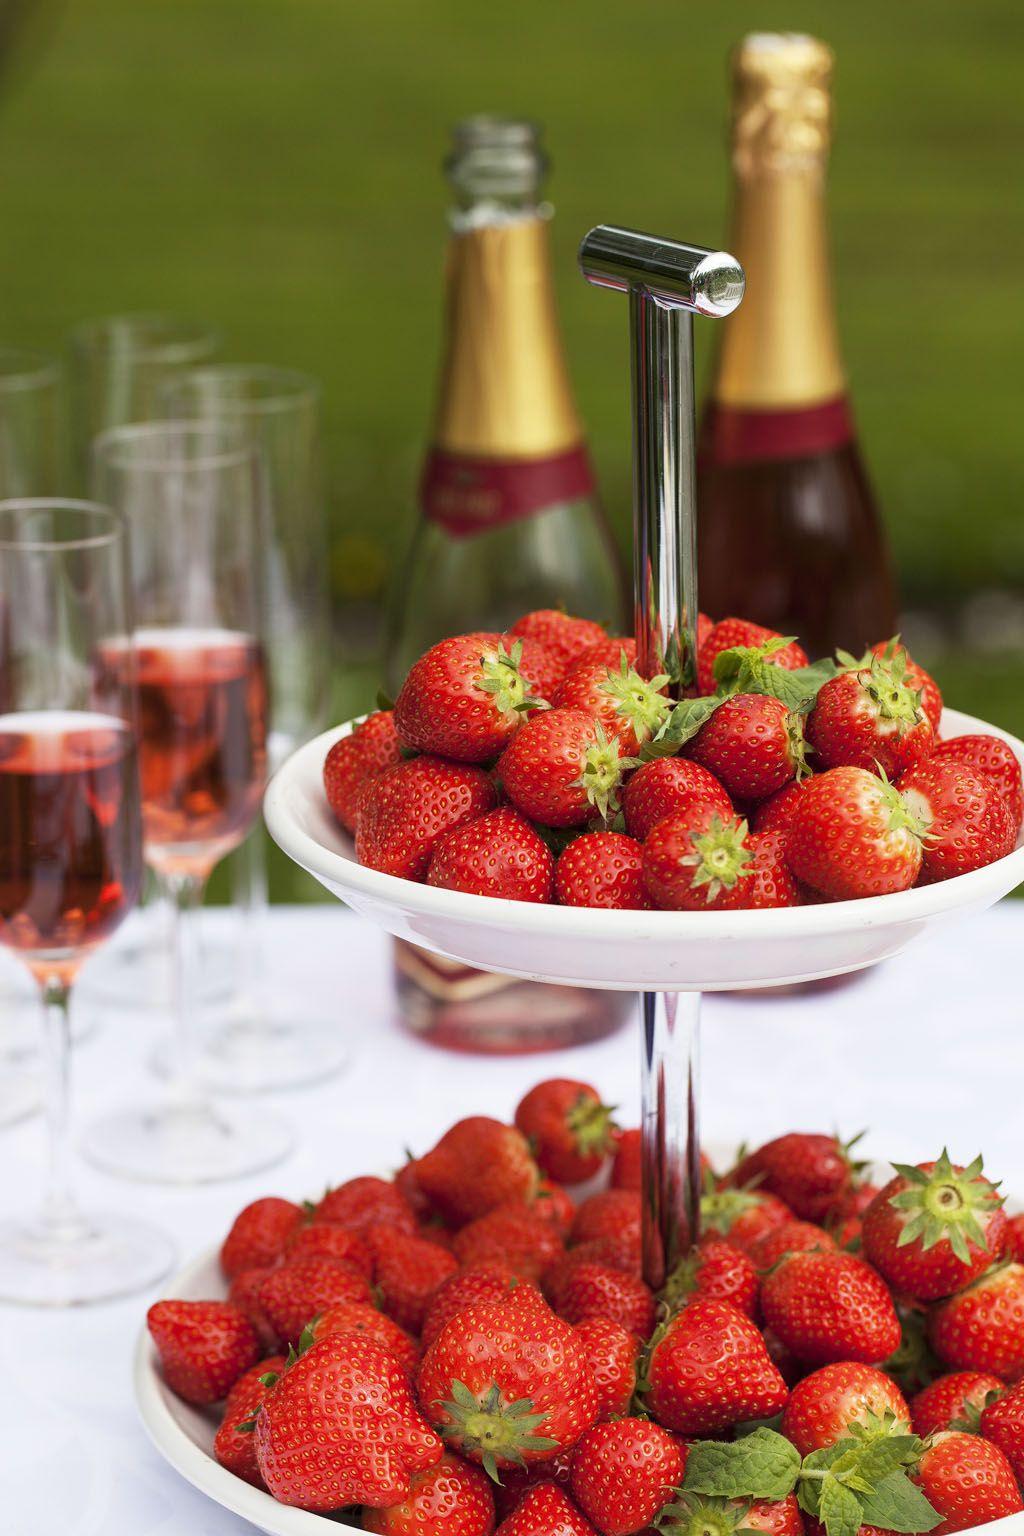 Røde jordbær og musserende vin hører hjemme på 17. mai.